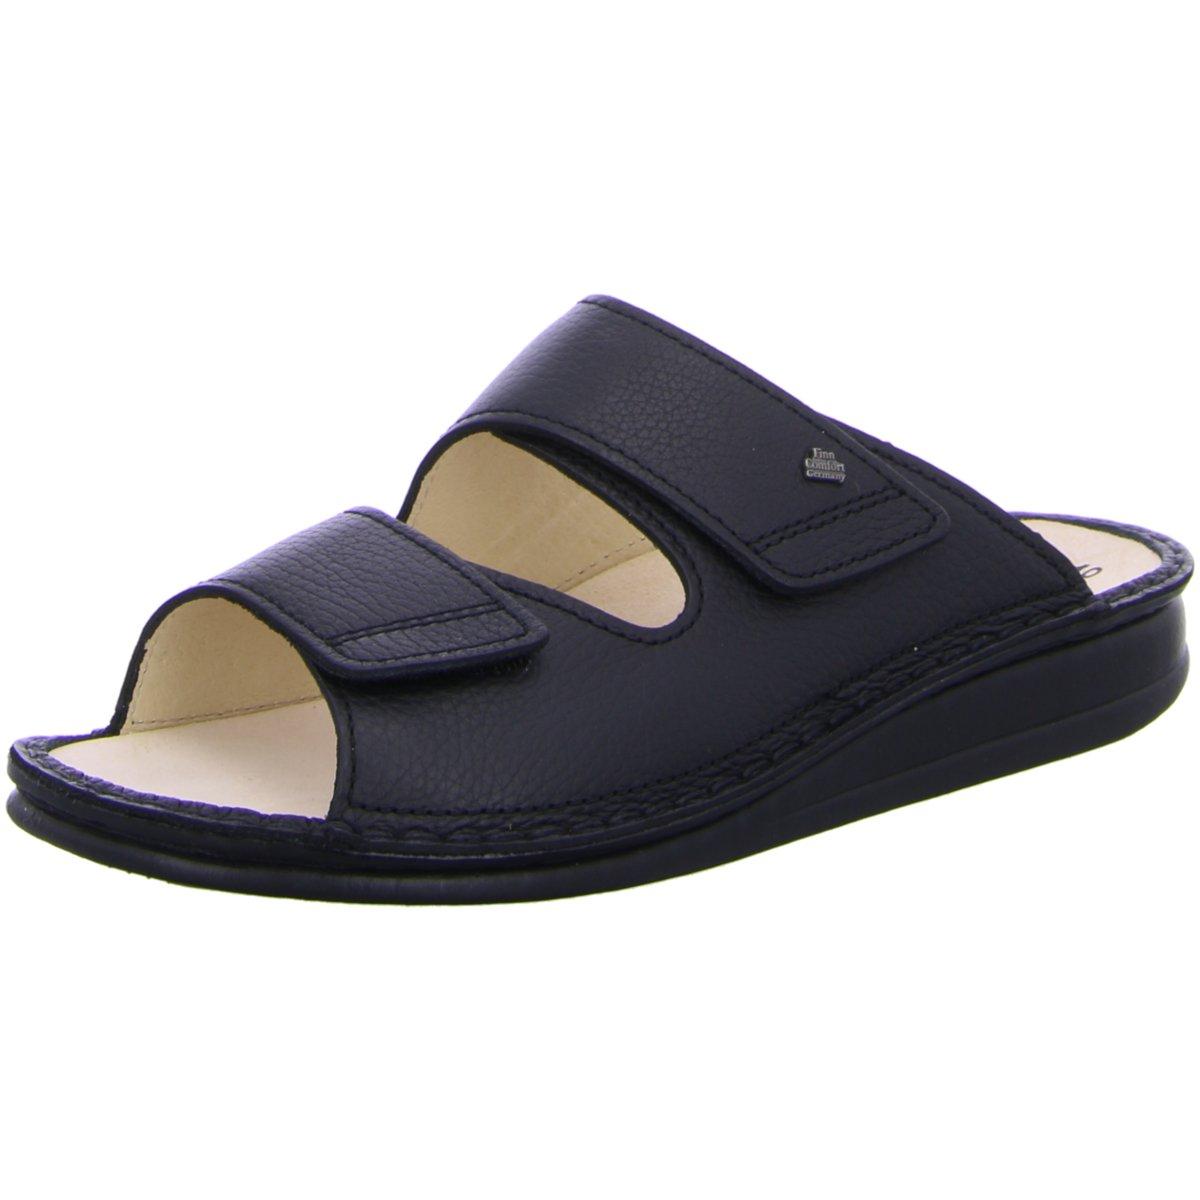 NEU FinnComfort Herren Offene Riad Pantolette 1505/046099 schwarz 78021